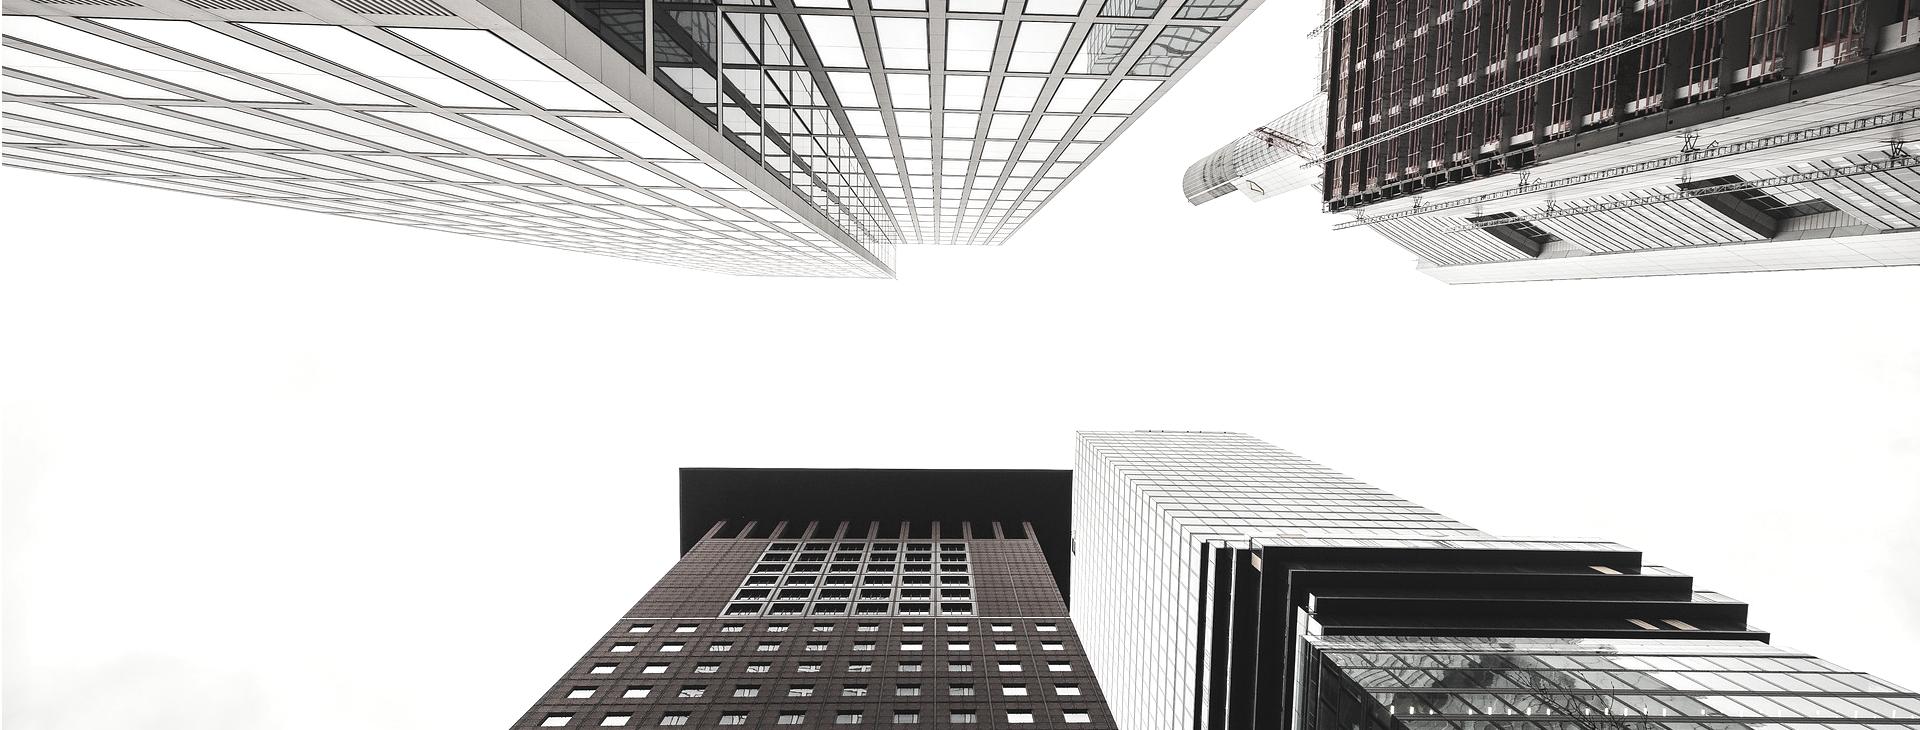 Cedarnet est un BE expert en conception et déploiement de solutions connectées